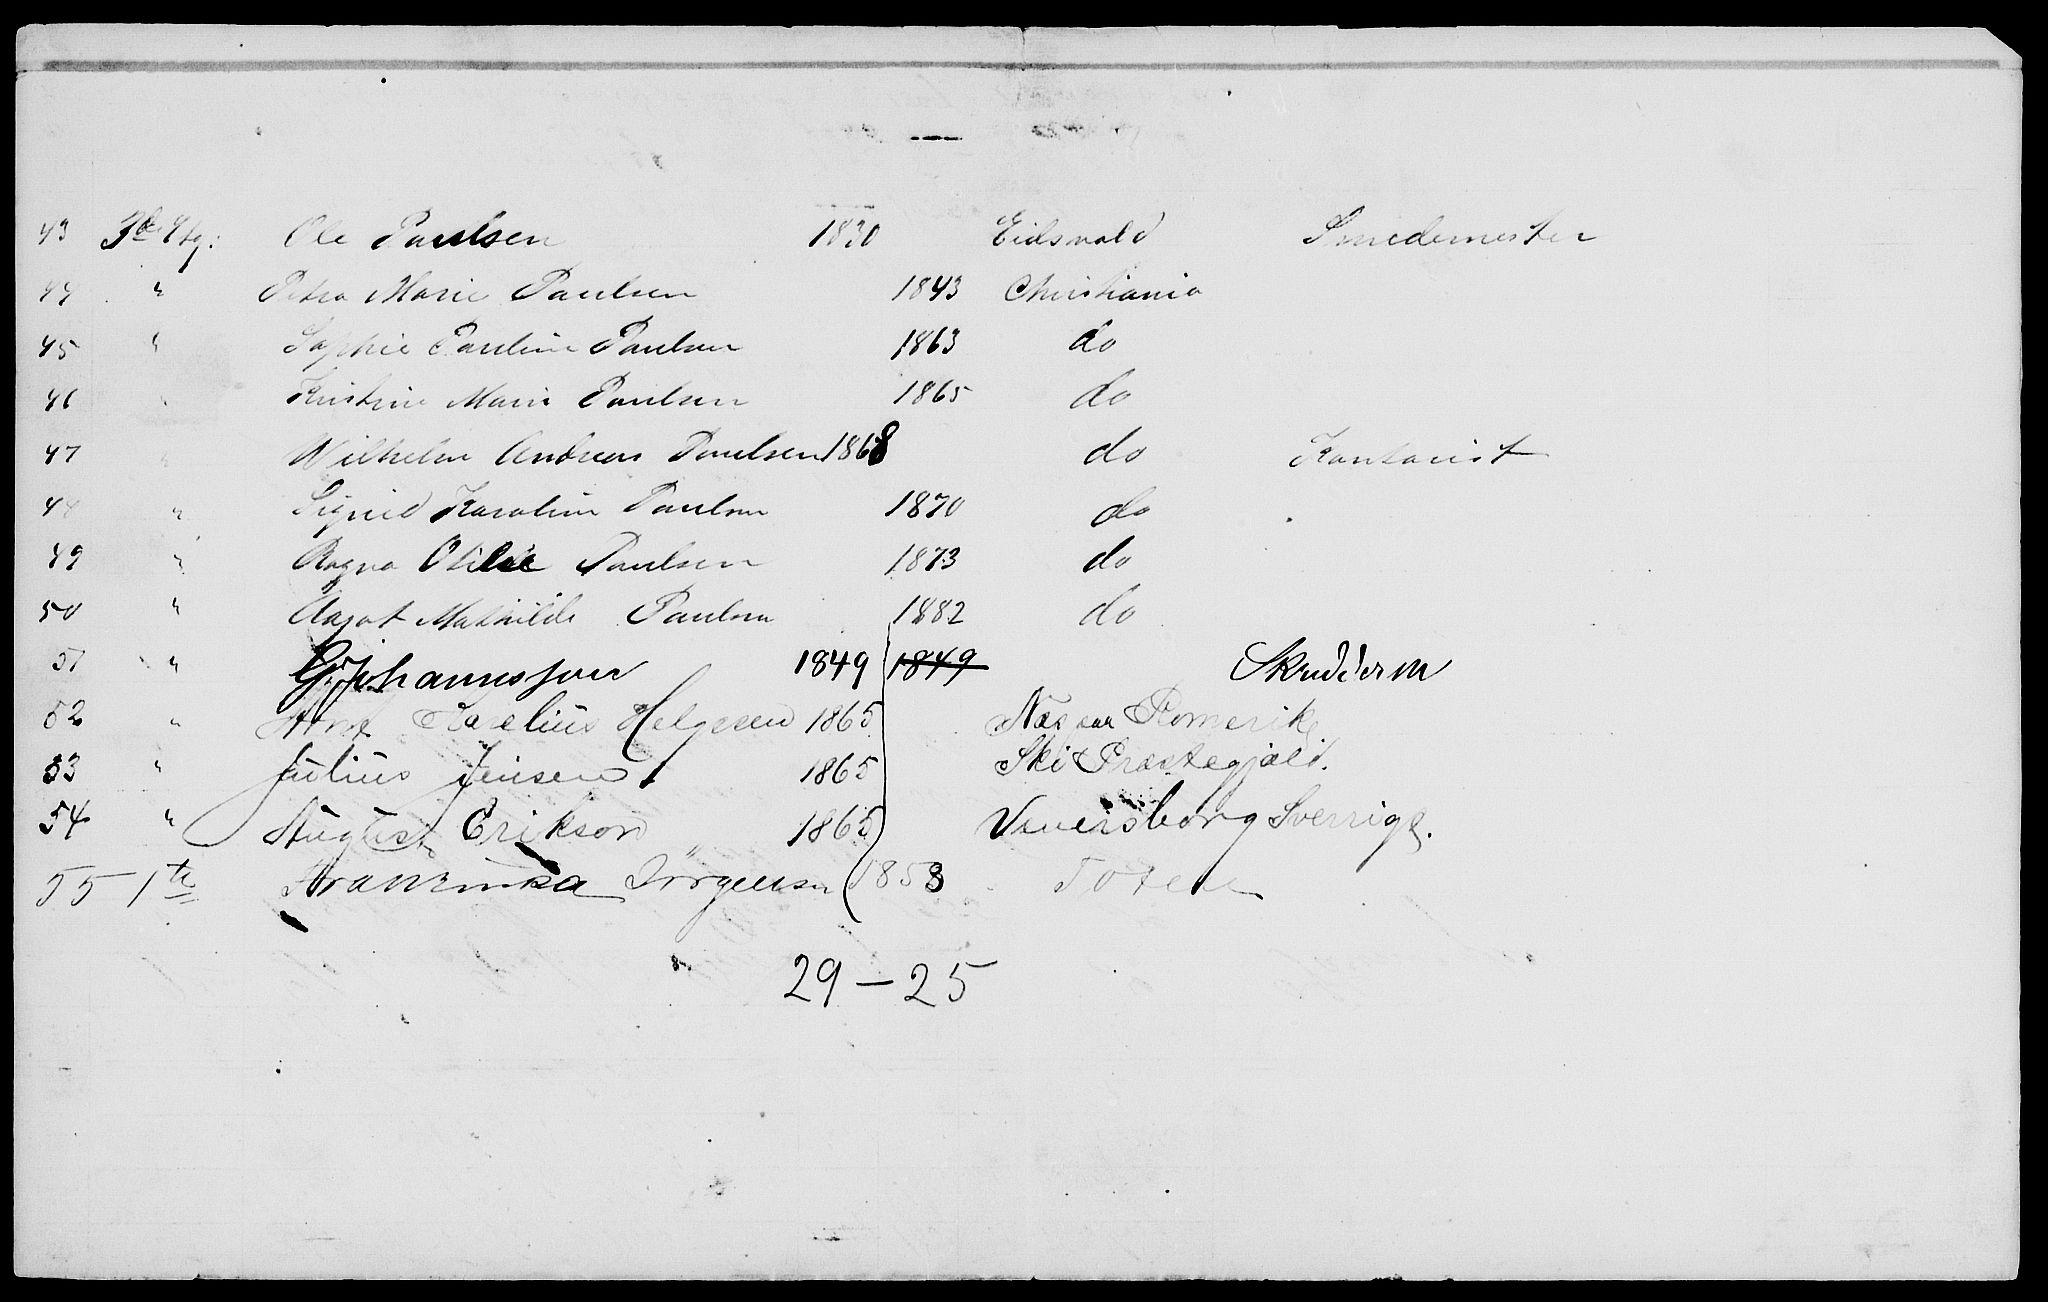 RA, Folketelling 1885 for 0301 Kristiania kjøpstad, 1885, s. 5586